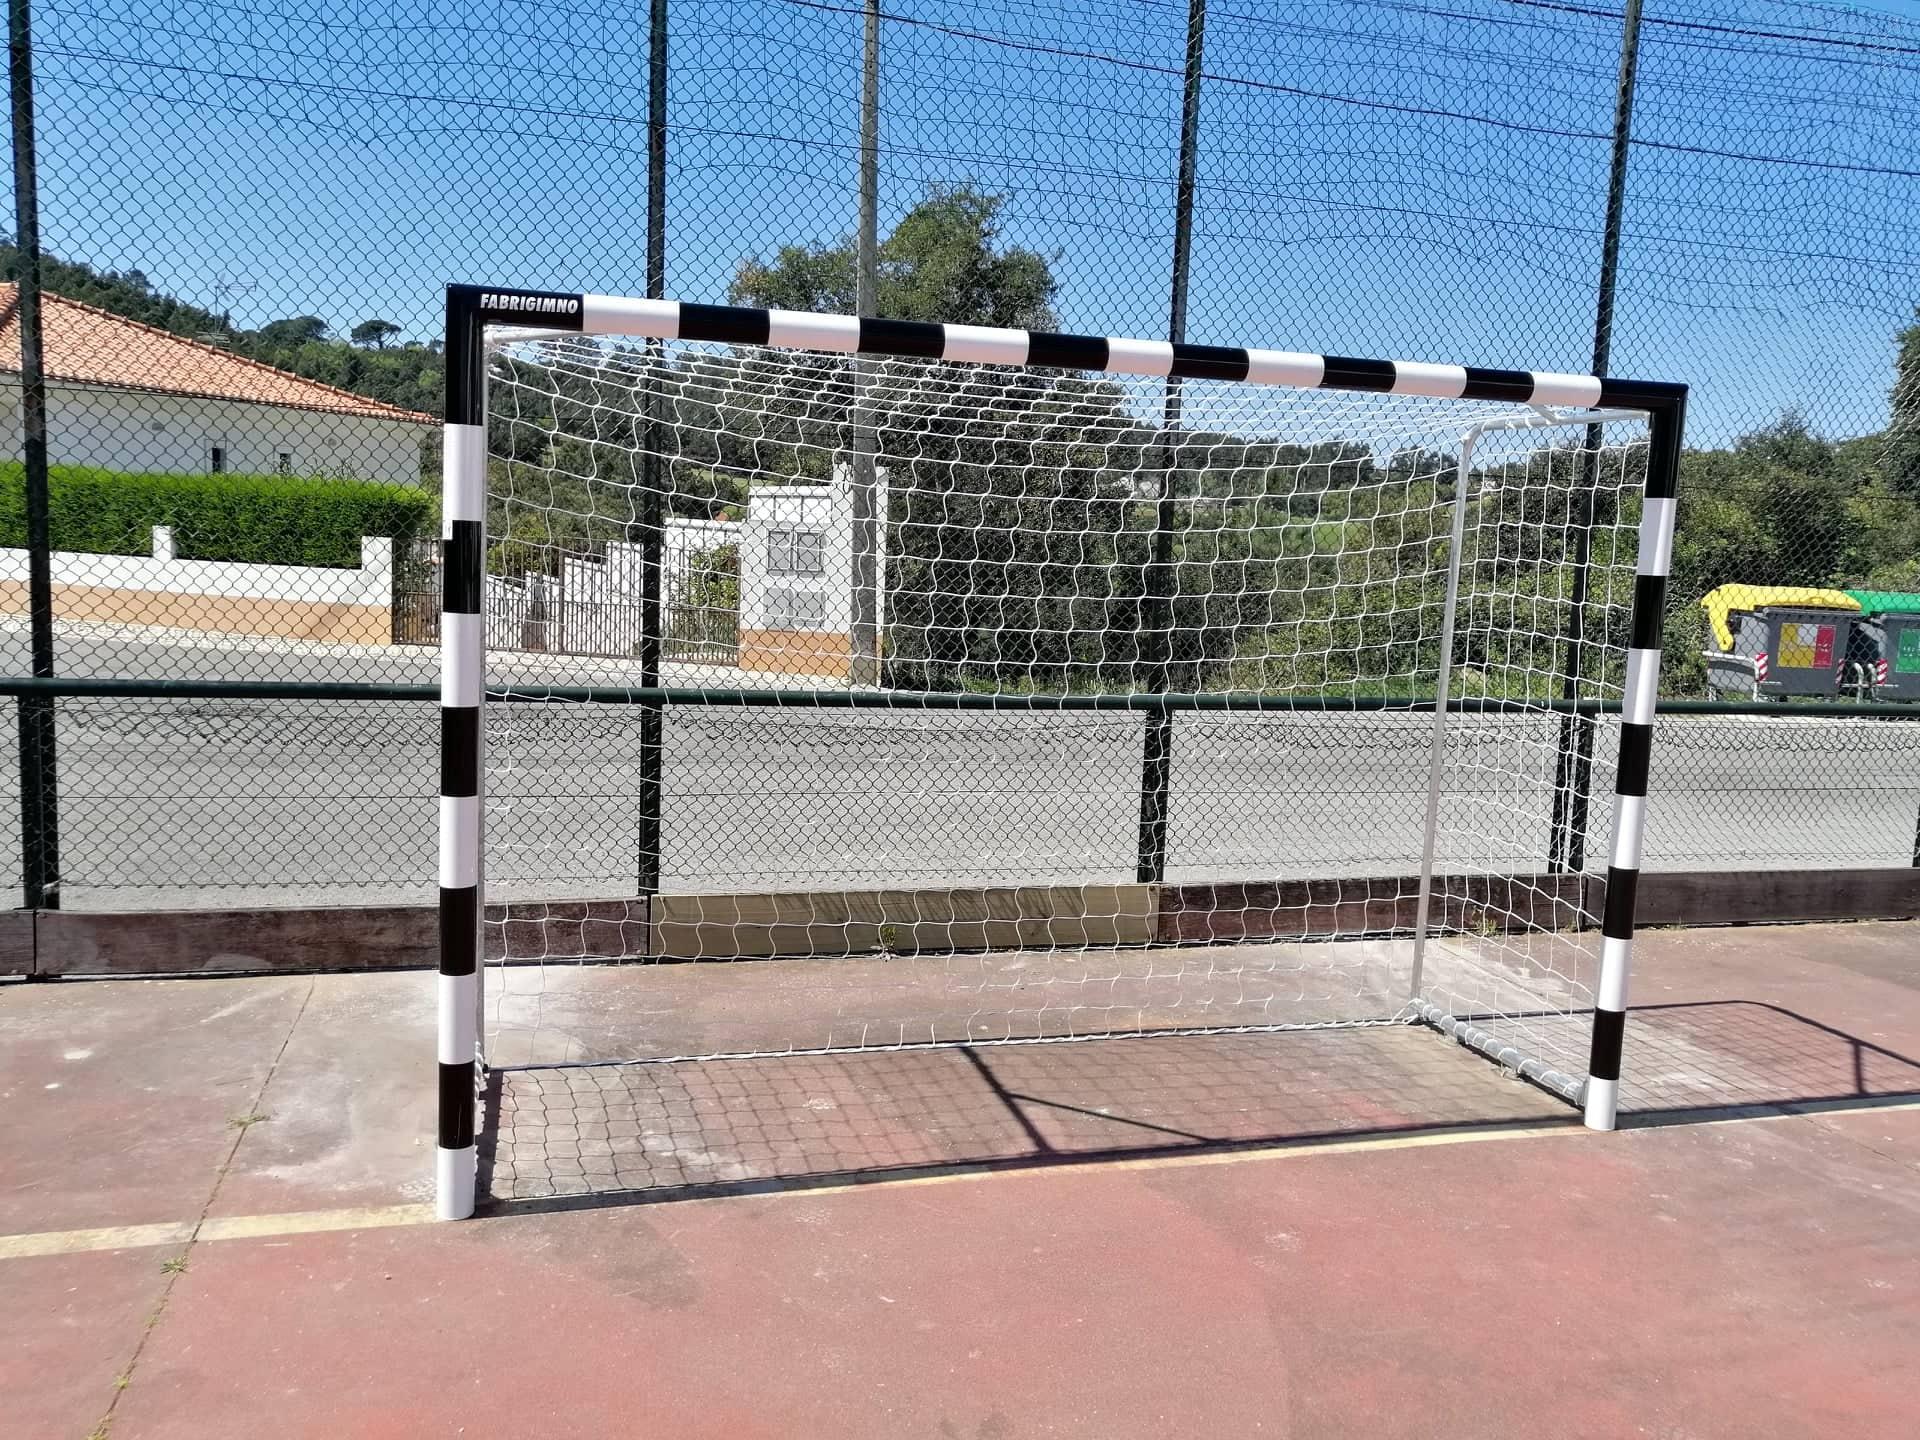 FUTEBOL CLUBE RIBADENSE – Colocação de novas Balizas no Campo de Jogos e nova Sinalética!